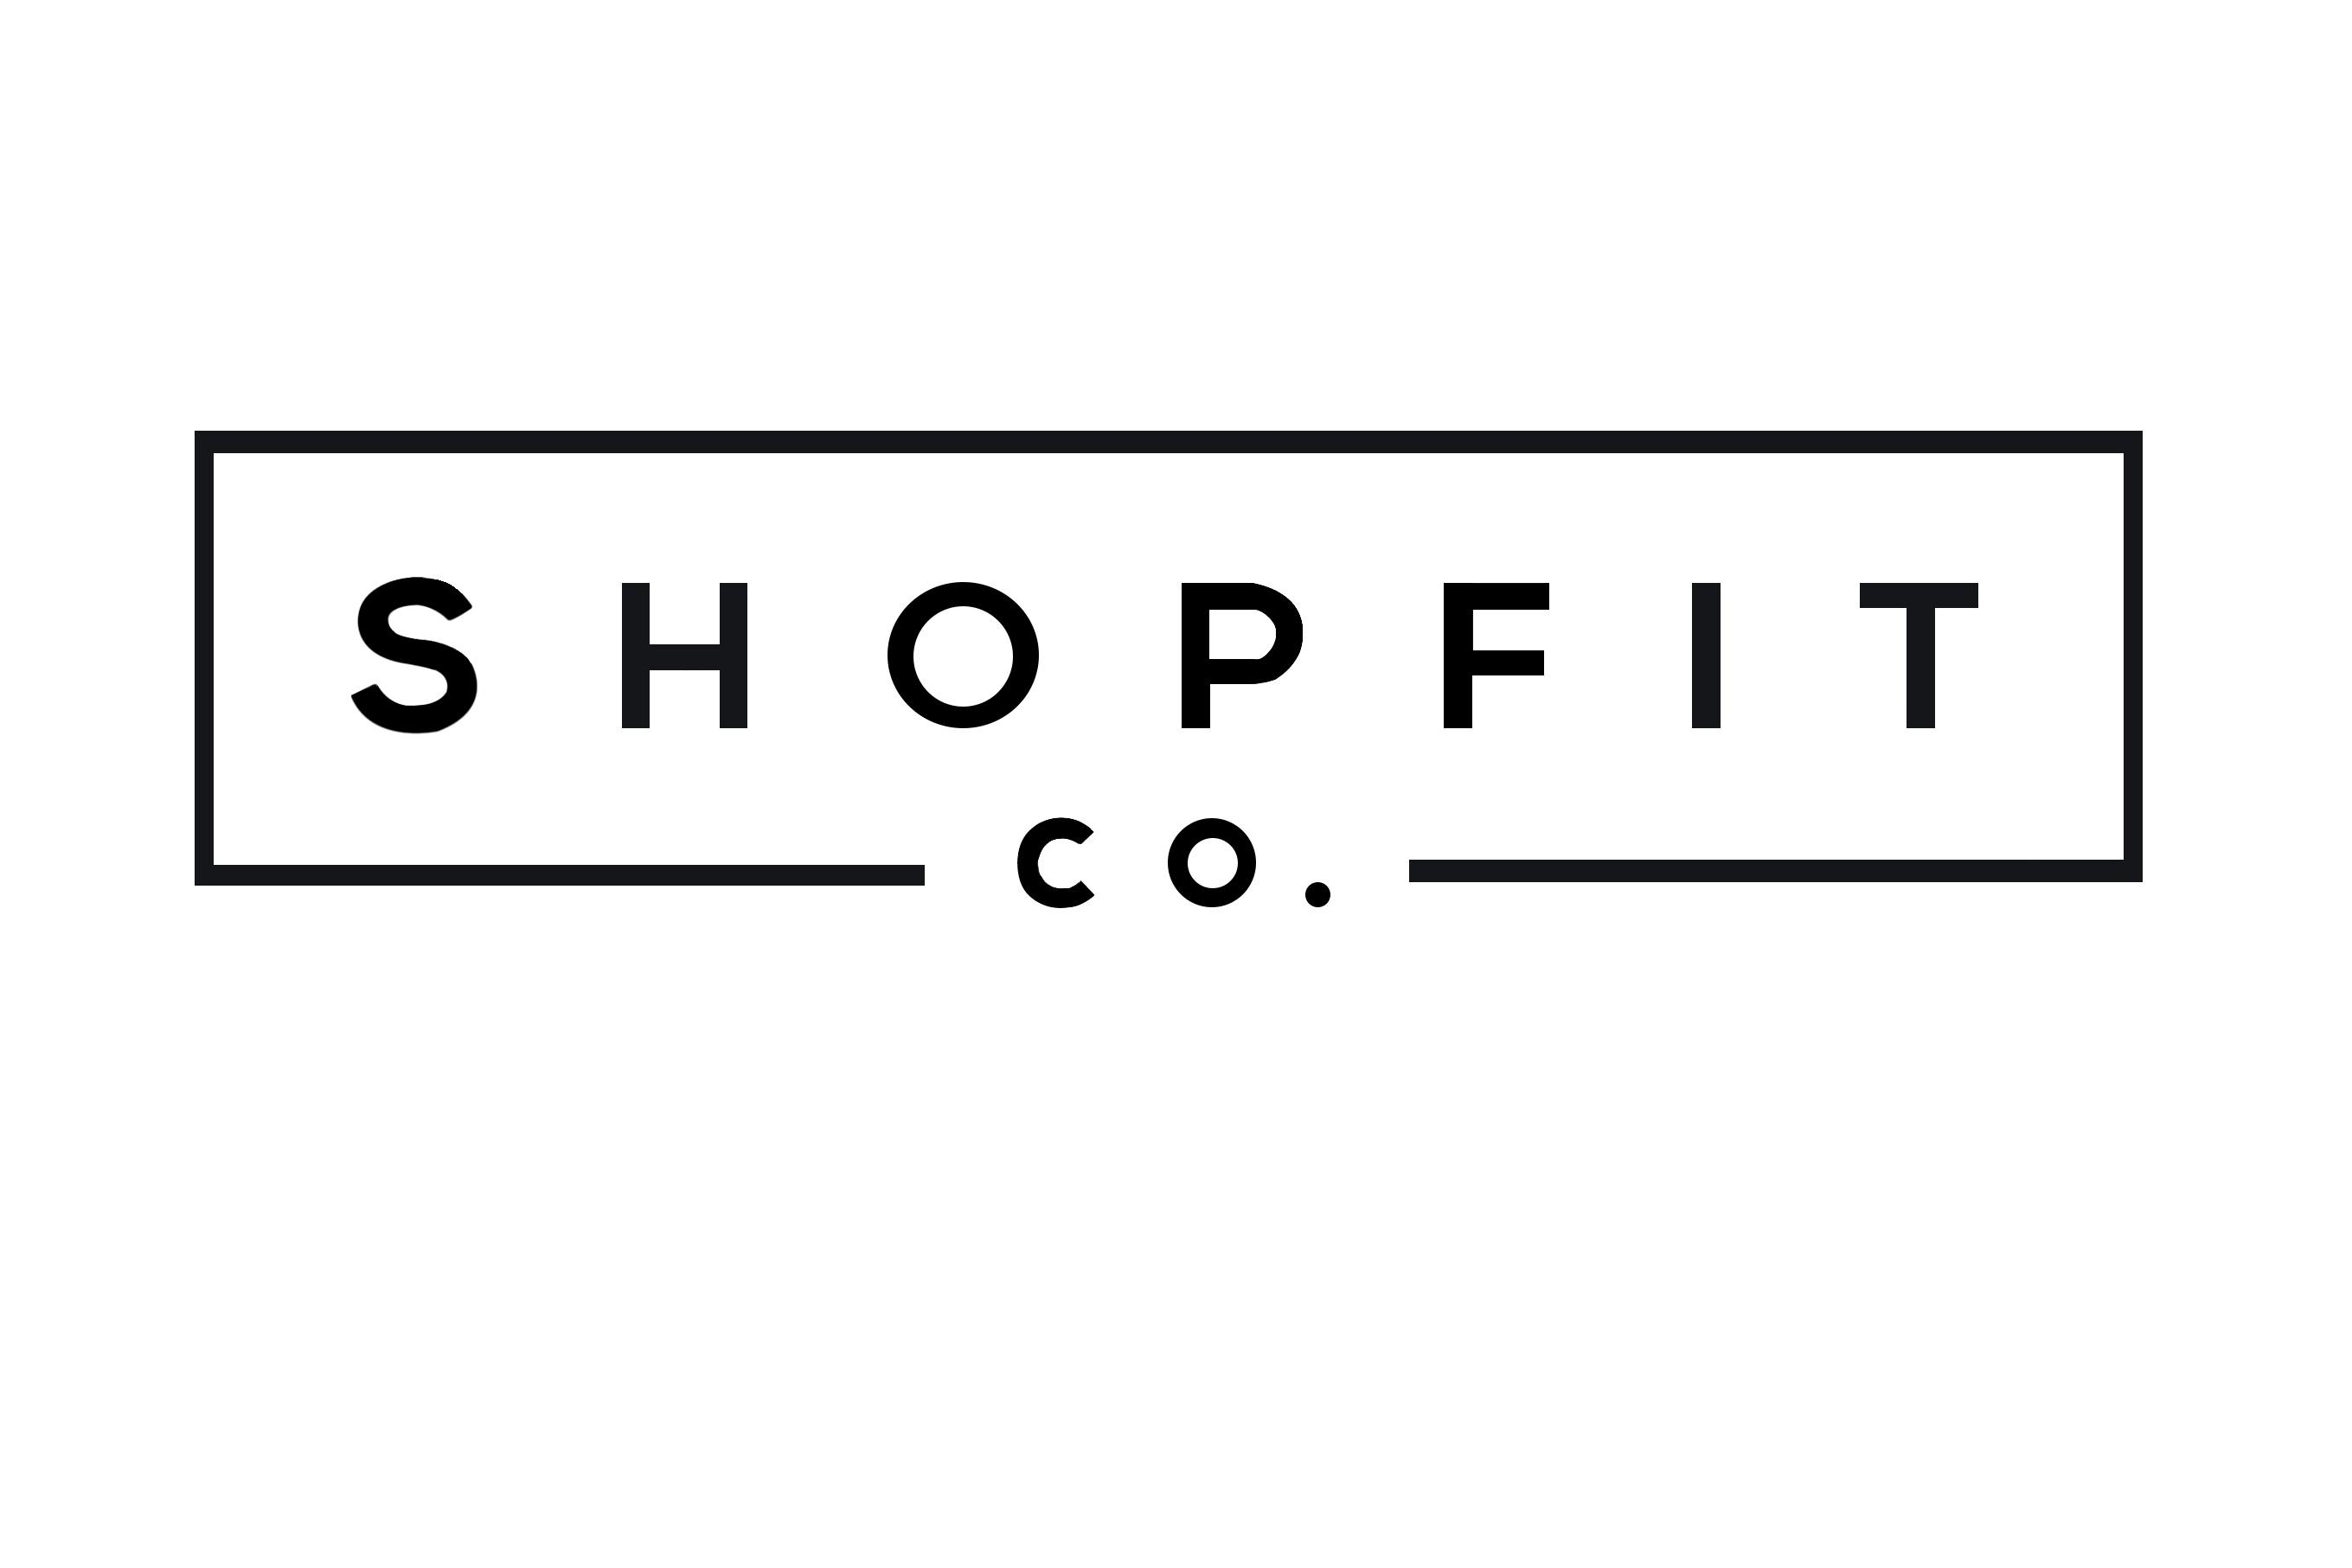 Shopfit Co